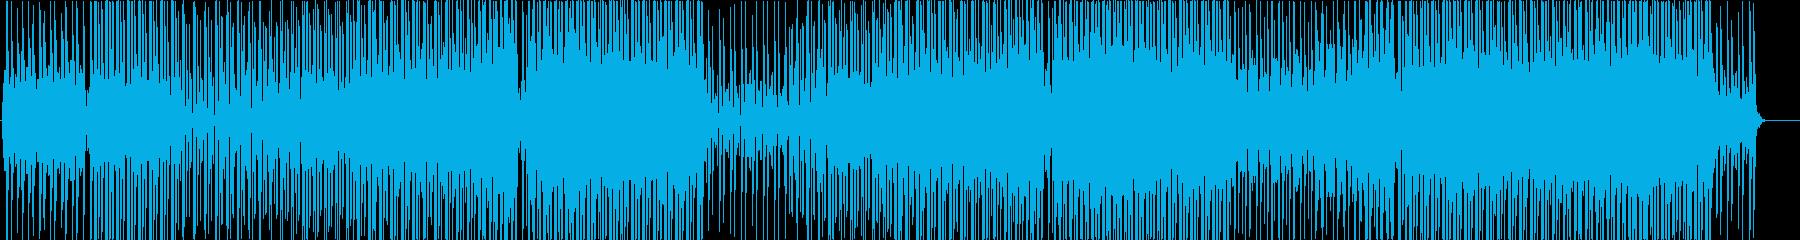 リラックスムードのトロピカルハウス♬の再生済みの波形